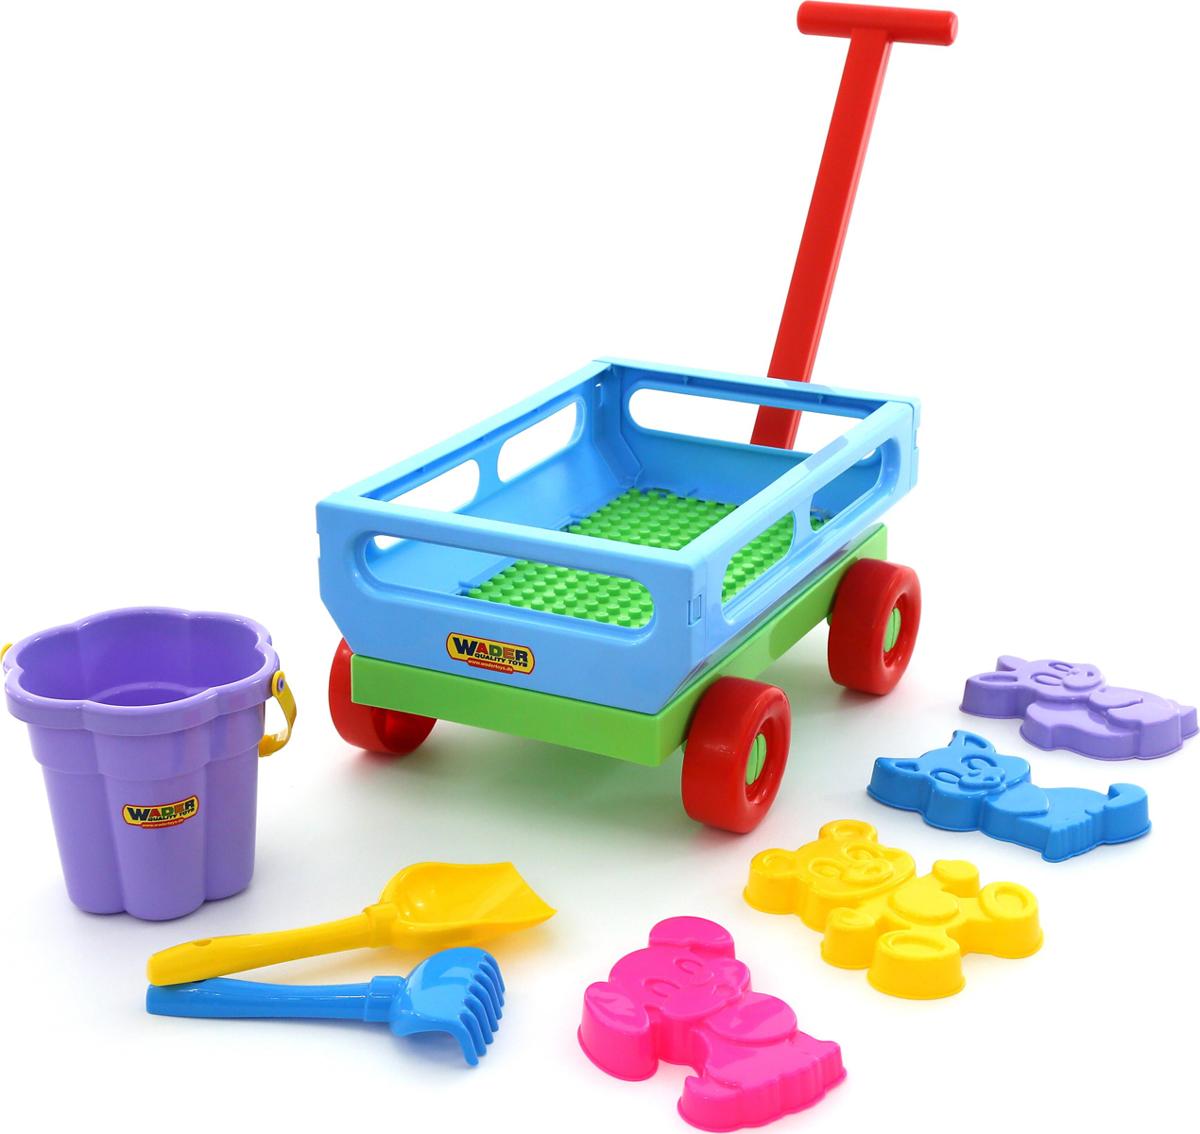 Полесье Набор игрушек для песочницы №491, цвет в ассортименте